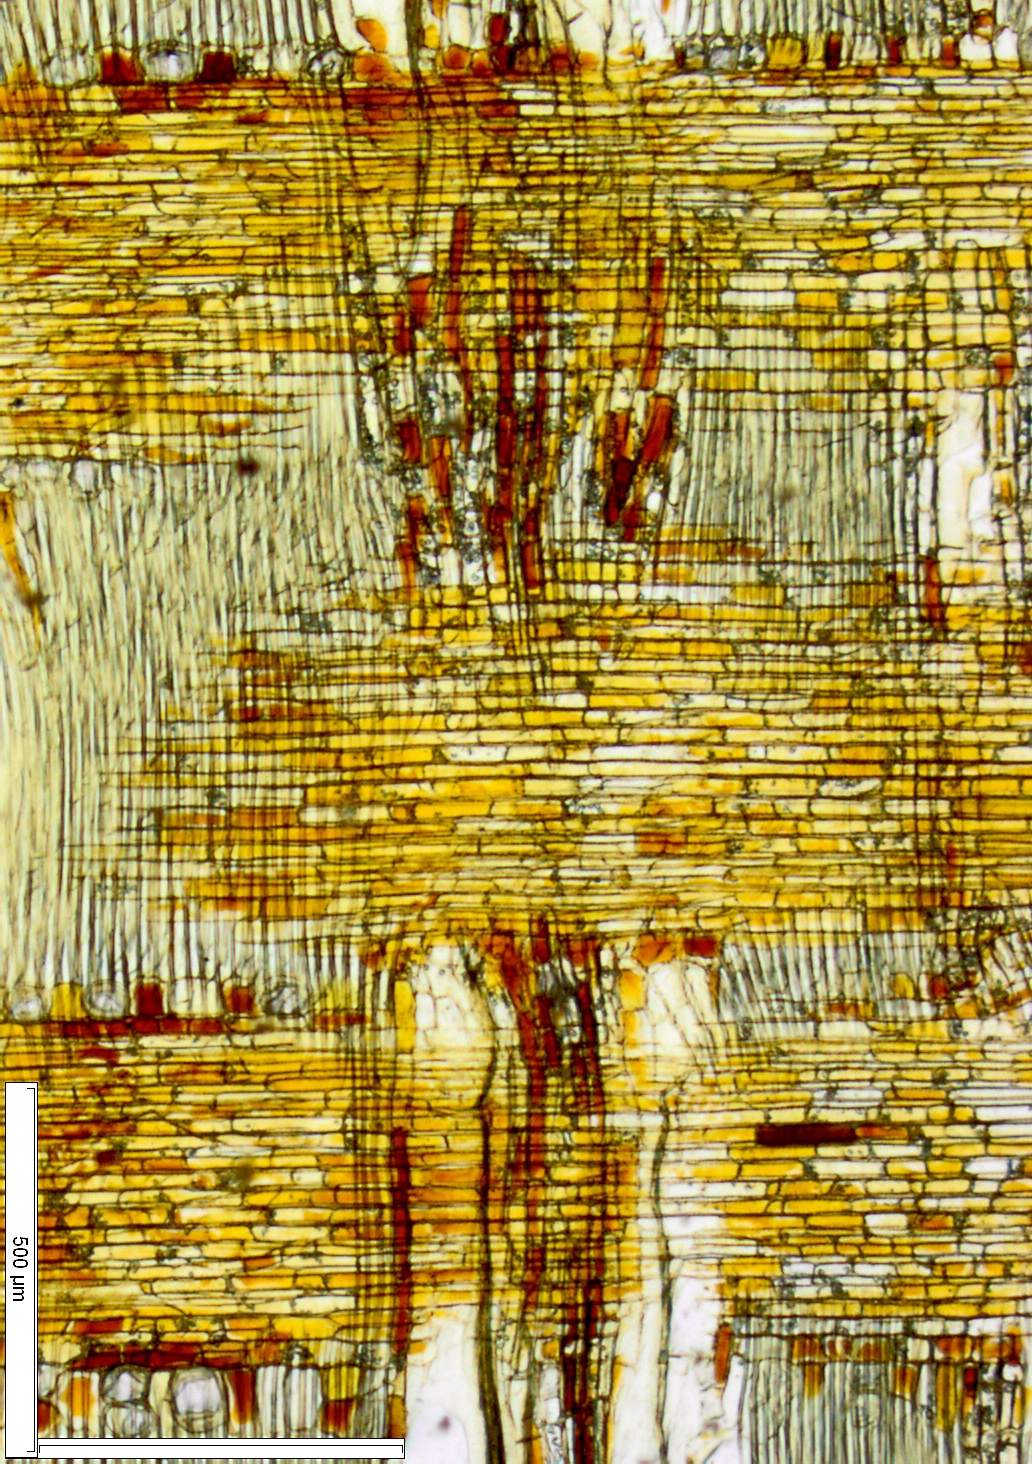 MELIACEAE Entandrophragma angolense